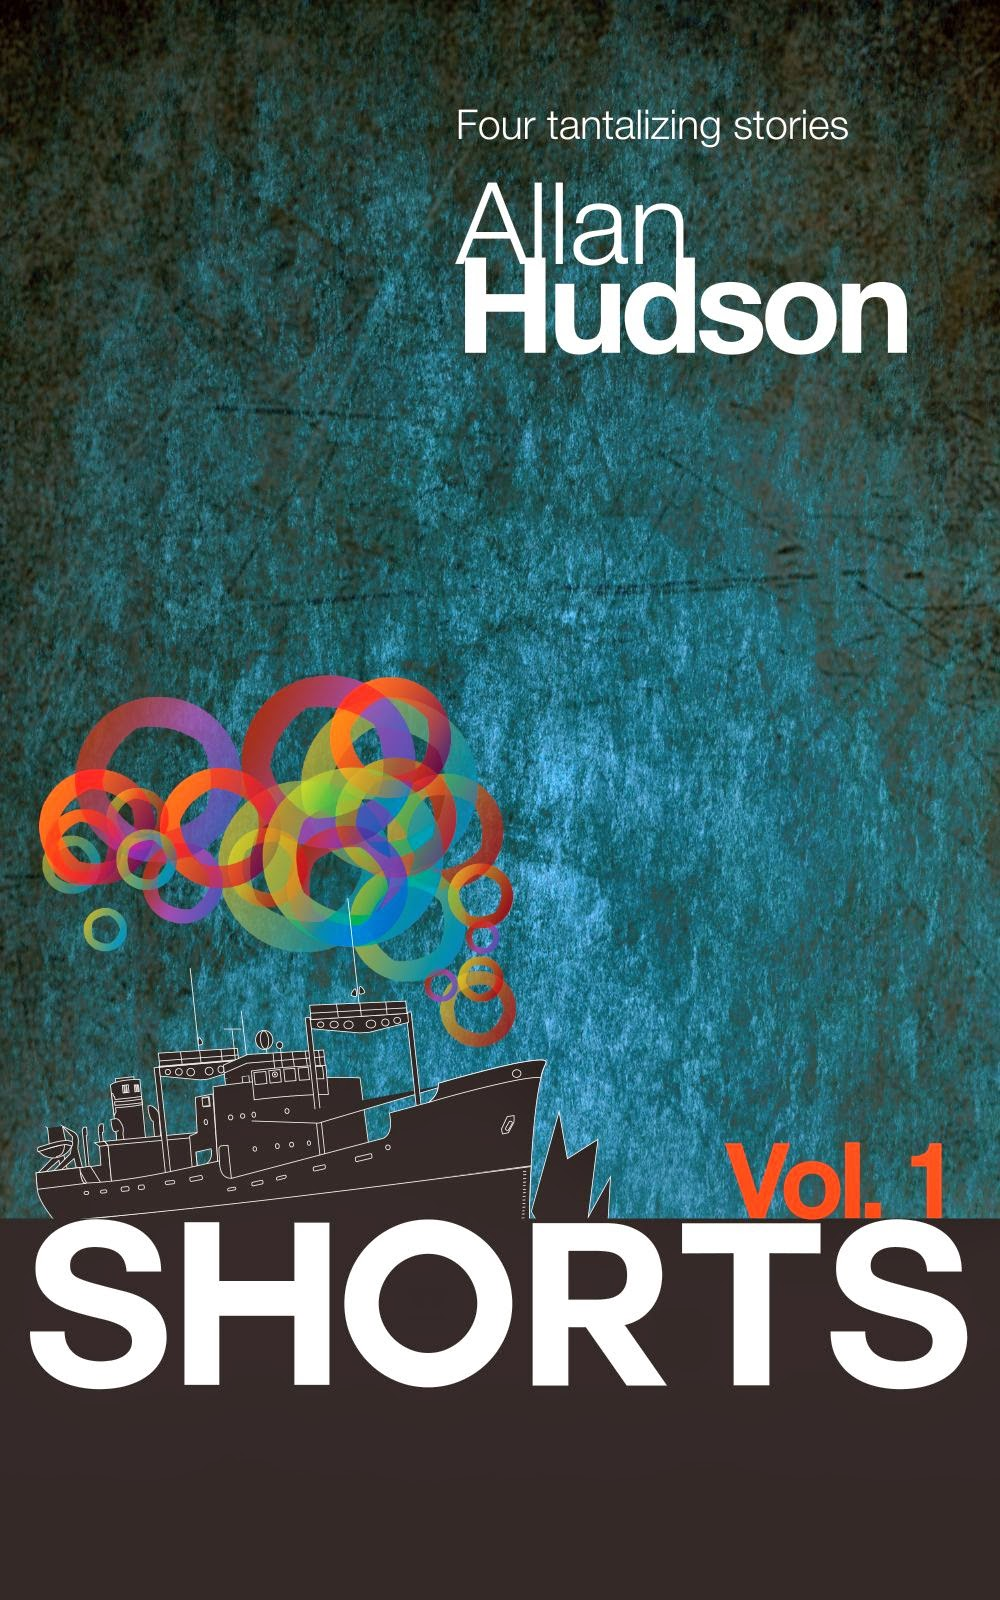 SHORTS Vol.1